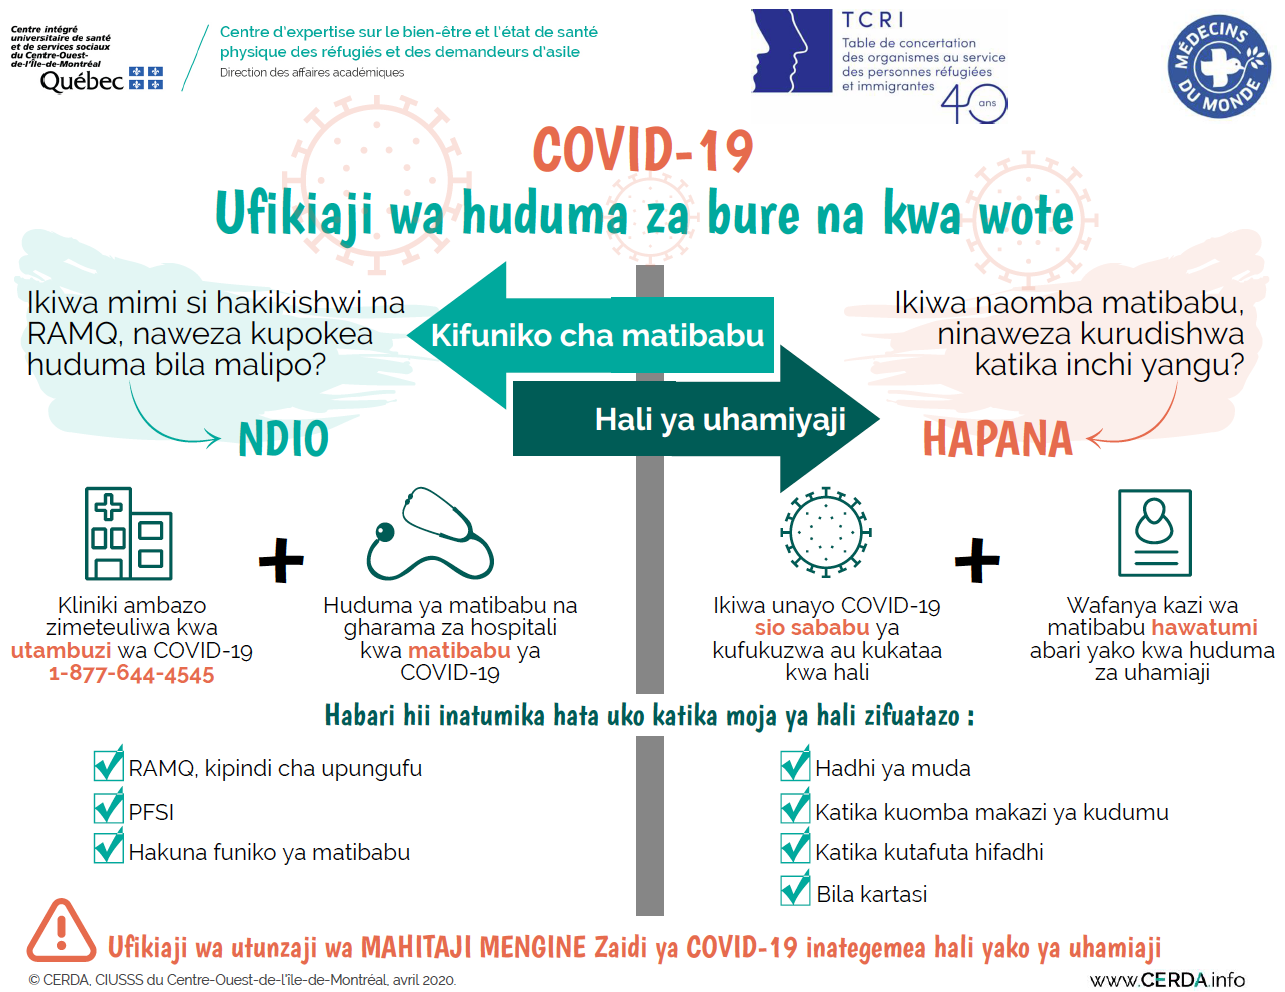 INFO - COVID-19 : Accès aux services sans frais et pour tous - Swahili